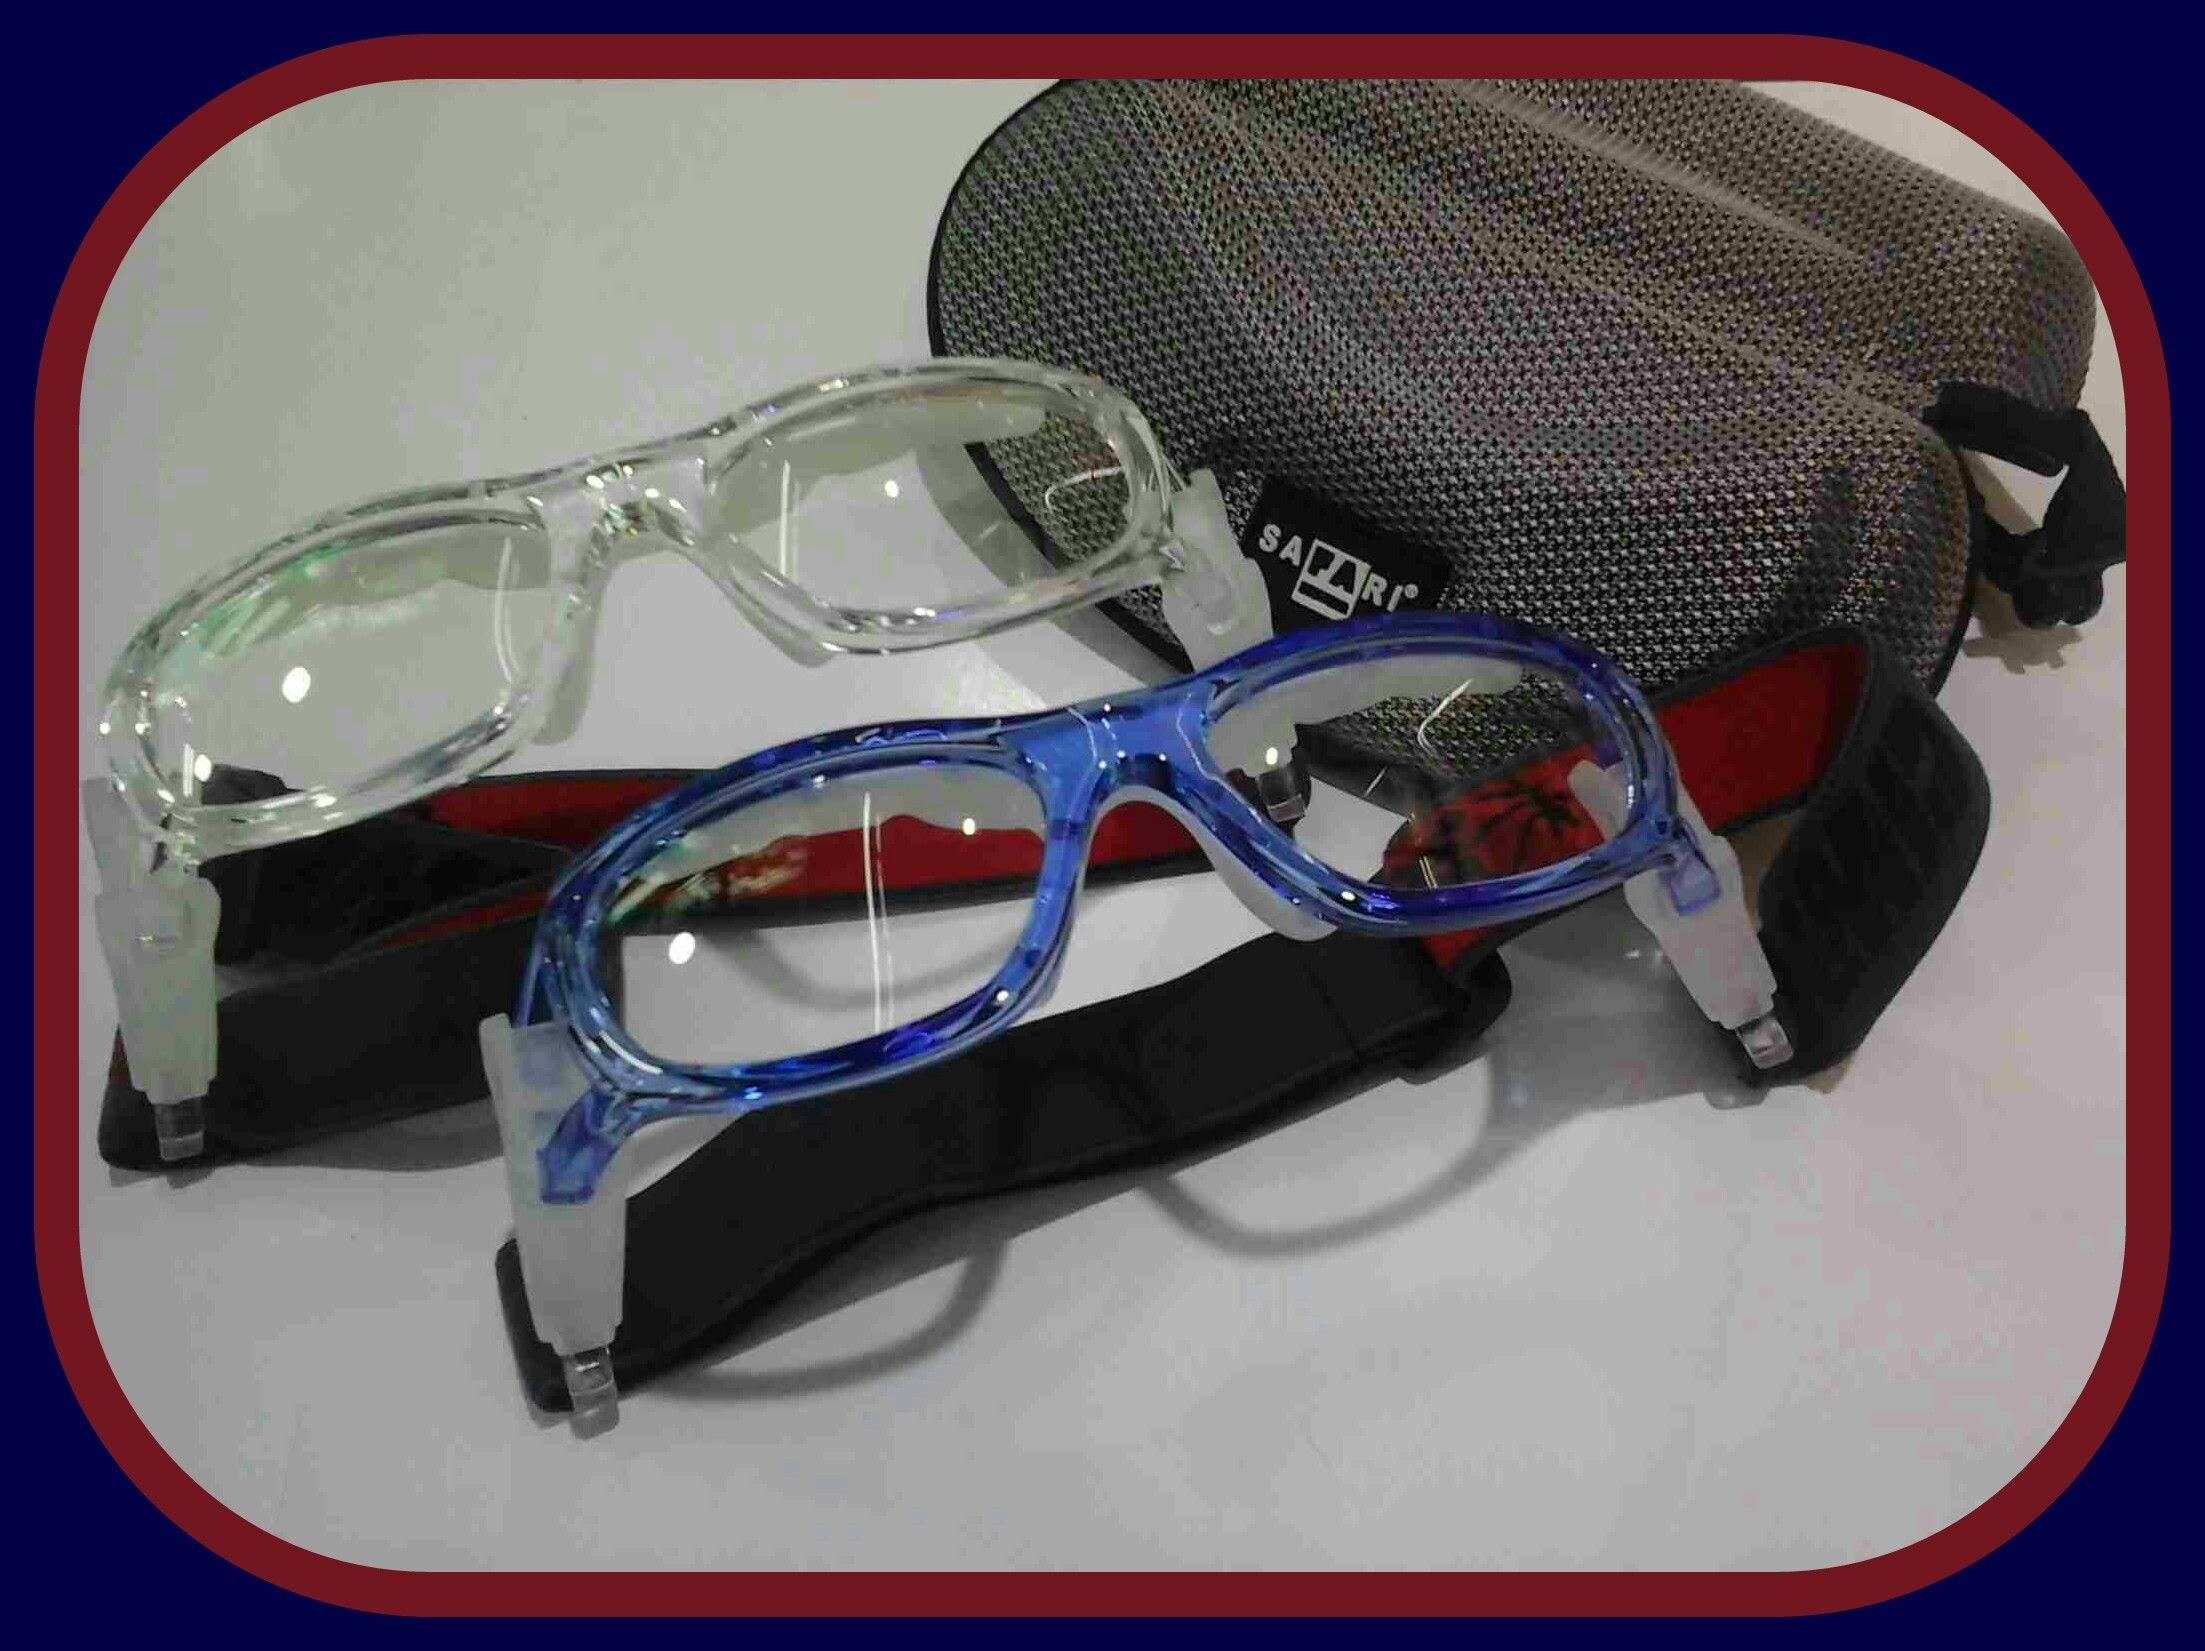 للرياضيين نظارة رياضية طبية لواحد أو اثنين من هدفين 1 لحماية العين أثناء ممارسة الرياضة مثل رياضة الاسكواش 2 لمن يما Oakley Sunglasses Sunglasses Oakley